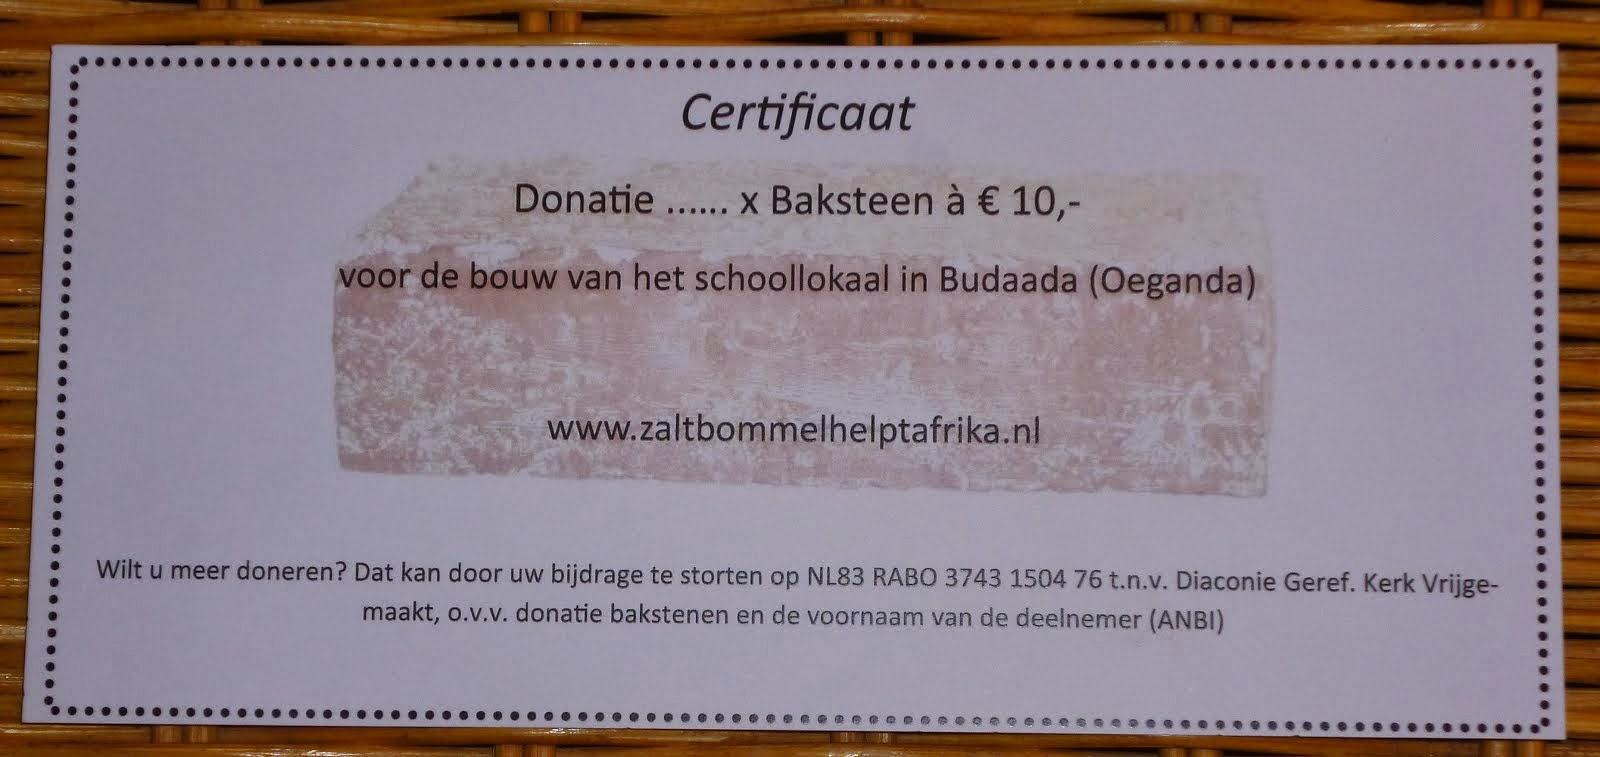 Baksteen a €10 voor Budaada